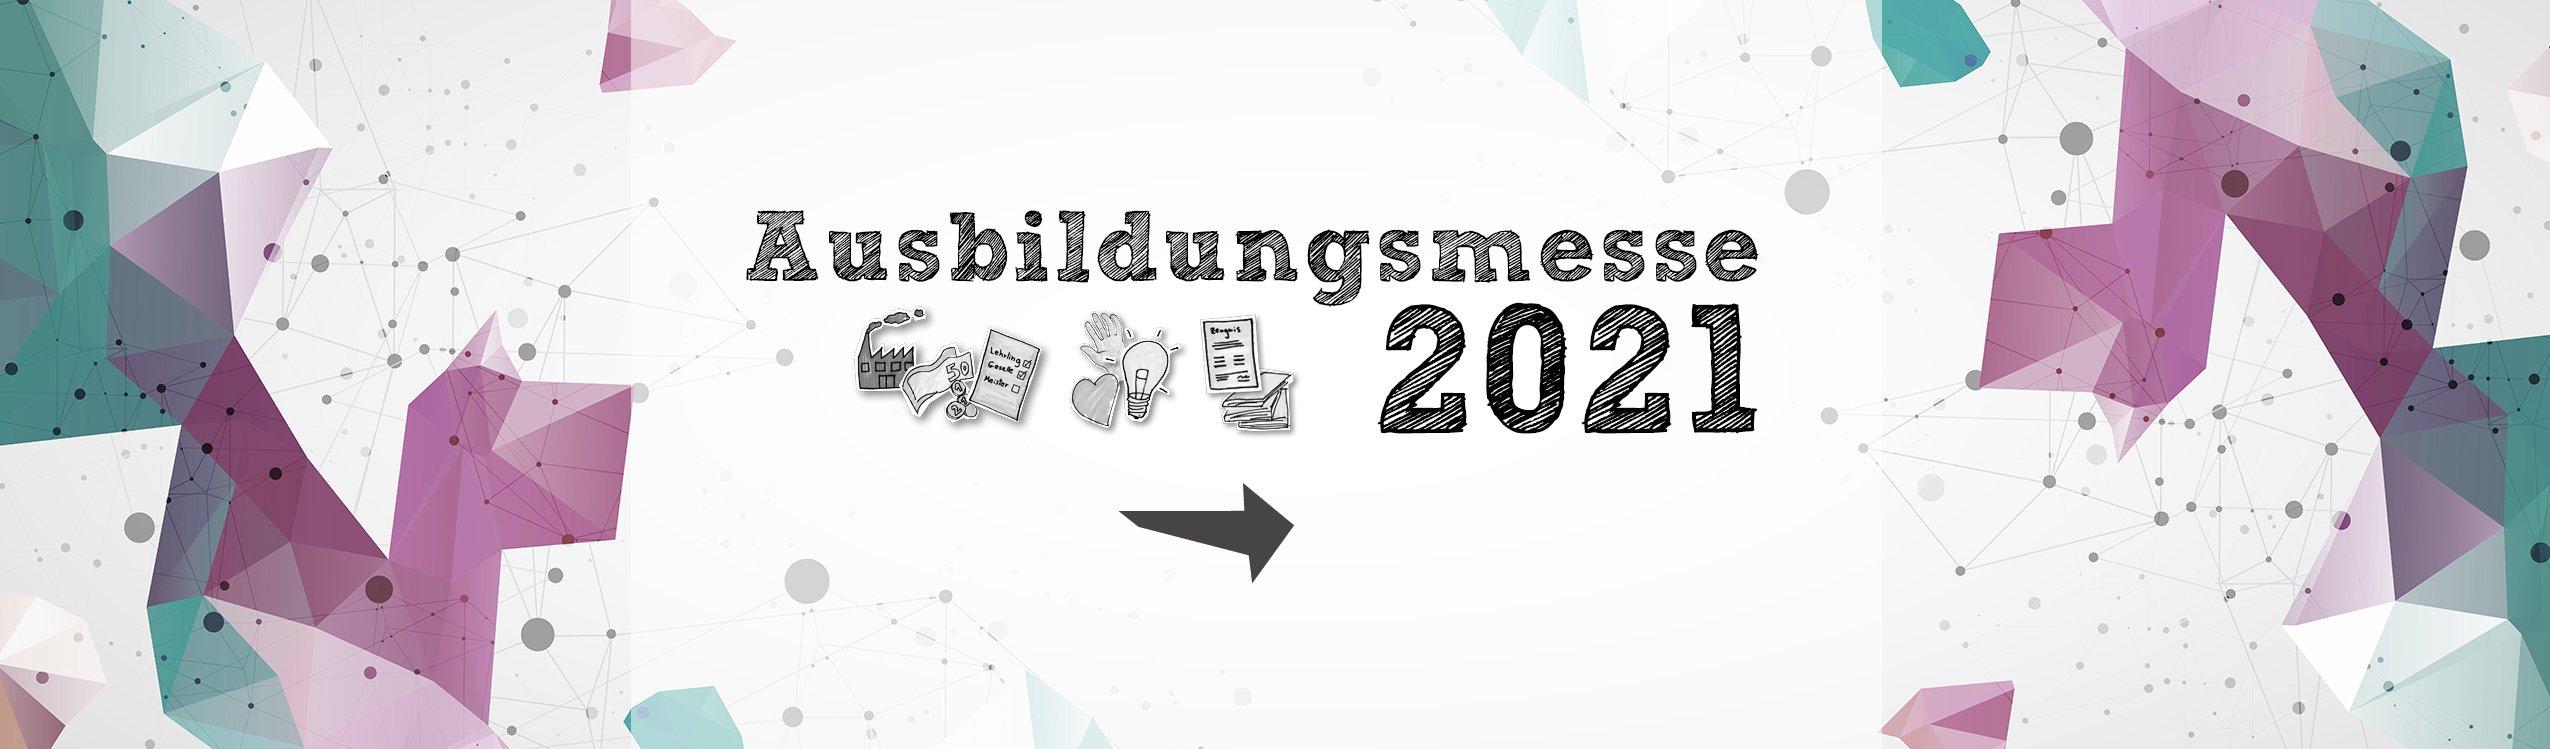 Ausbildungsmesse 2021